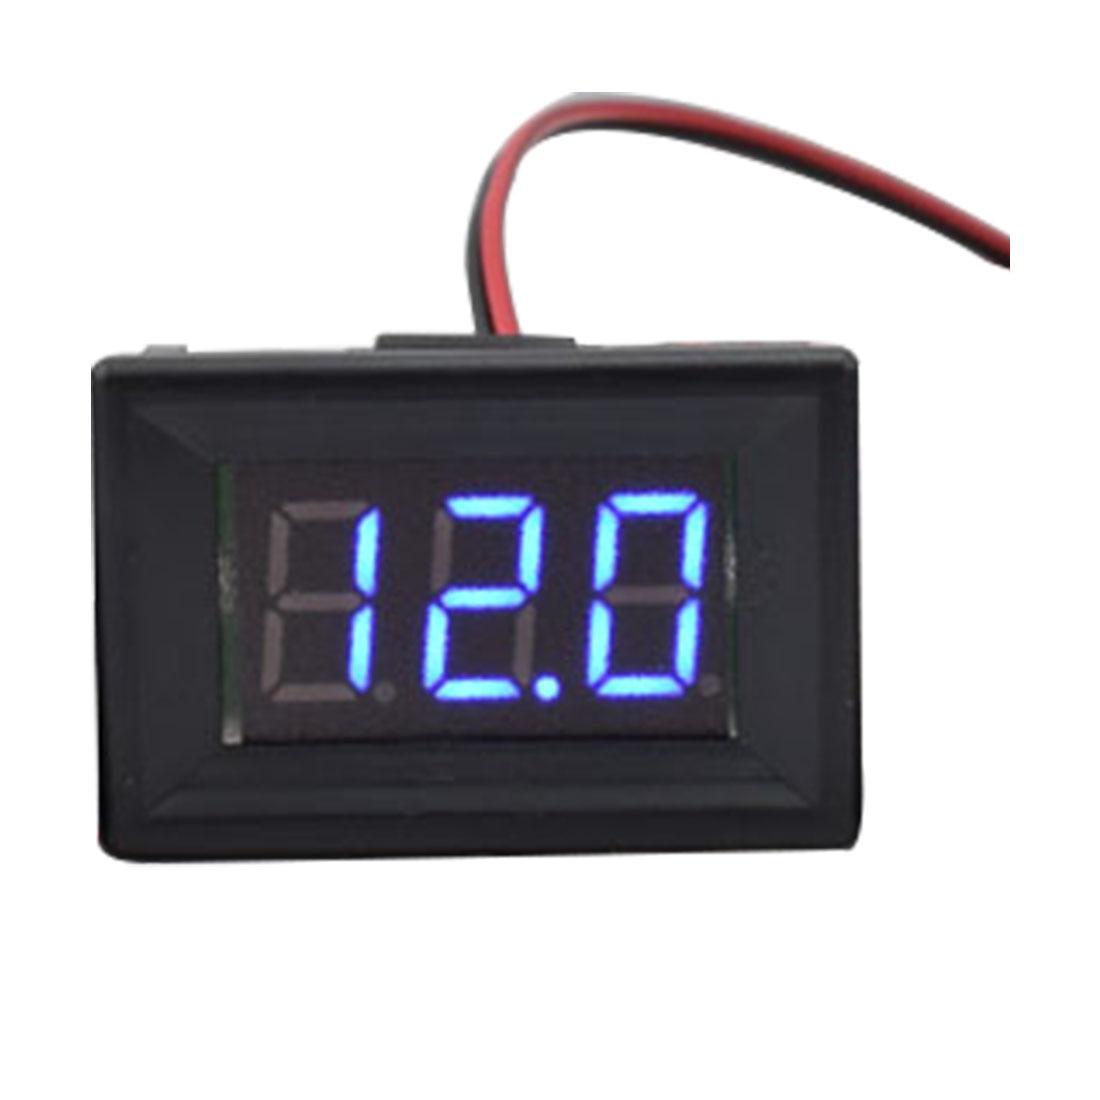 Светодиодный Дисплей Blue1pcs Цифровой вольтметр два провода 0,36 дюймов DC 4,50 В-30,0 В цифровой Панель Напряжение метр Напряжение детектор монитор